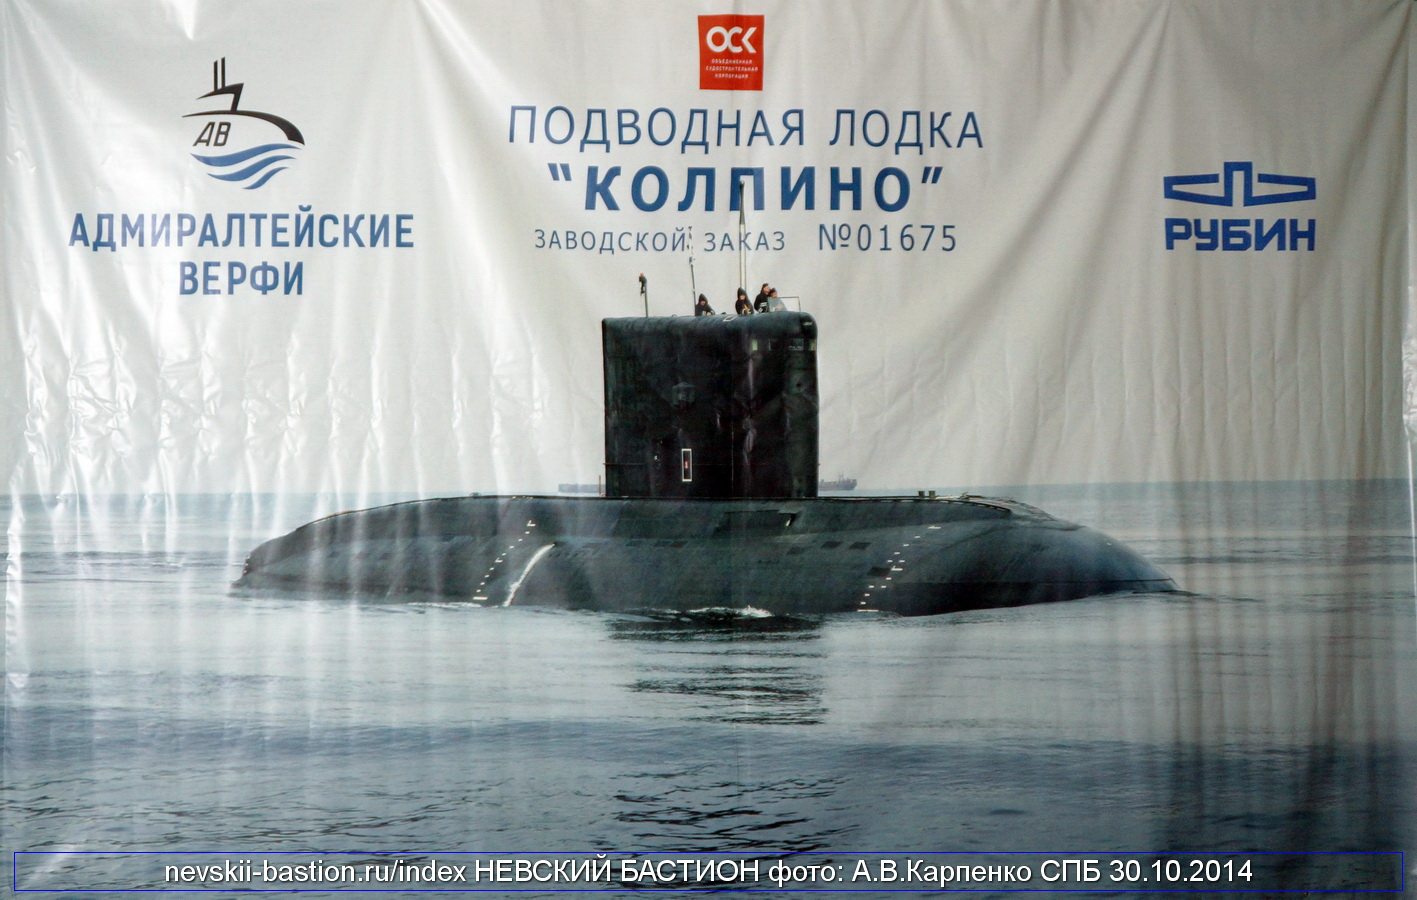 подводная лодка великий новгород размеры